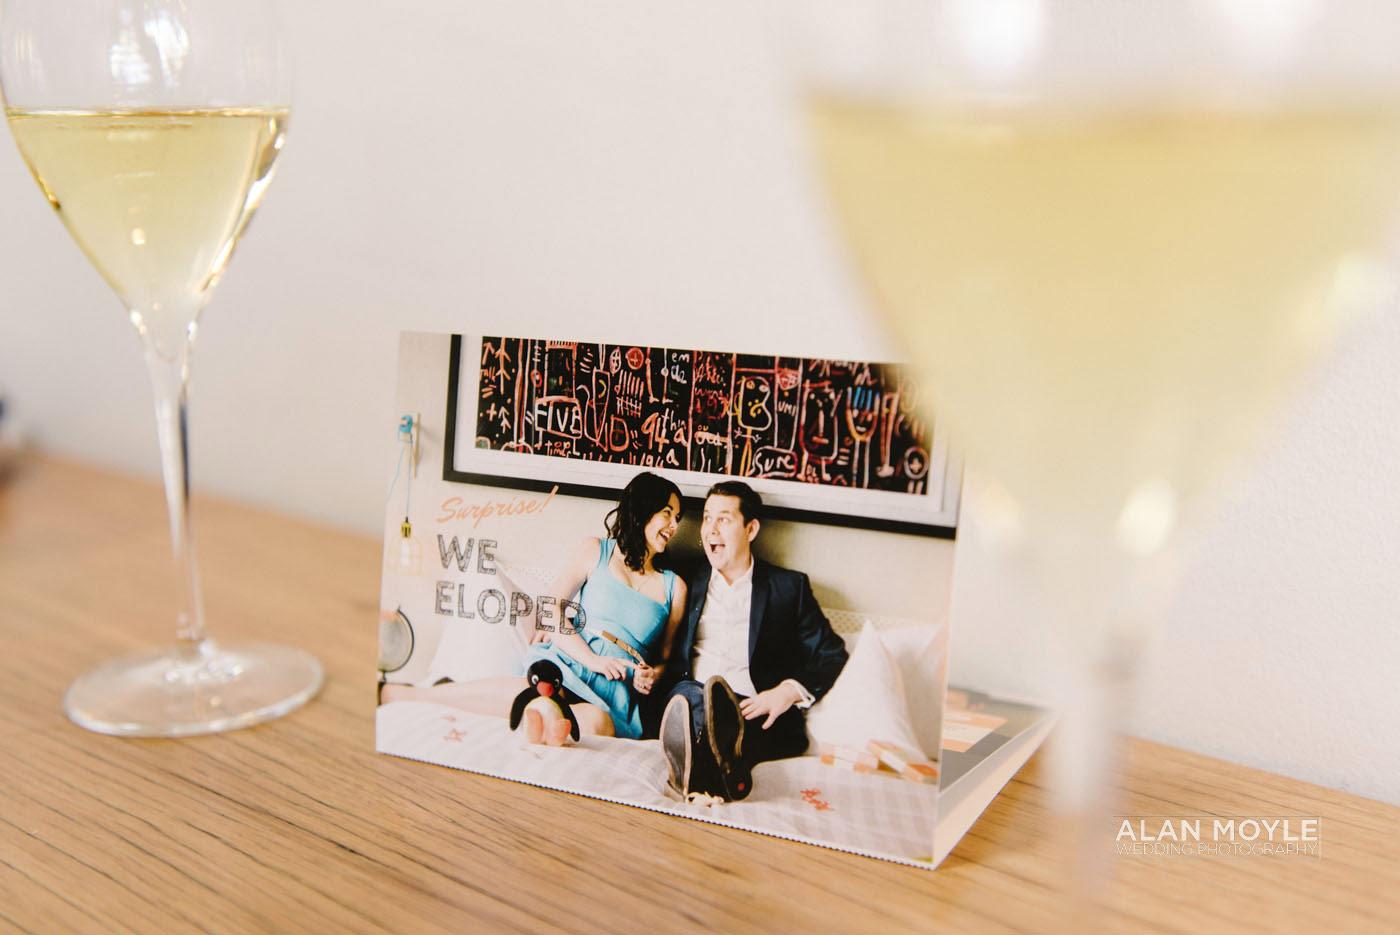 1410kershaw-001-melbourne_wedding_photographer_photography_larwill_studio_orange_elope_bride_blue_bayside_photobat_alan_moyle_.jpg